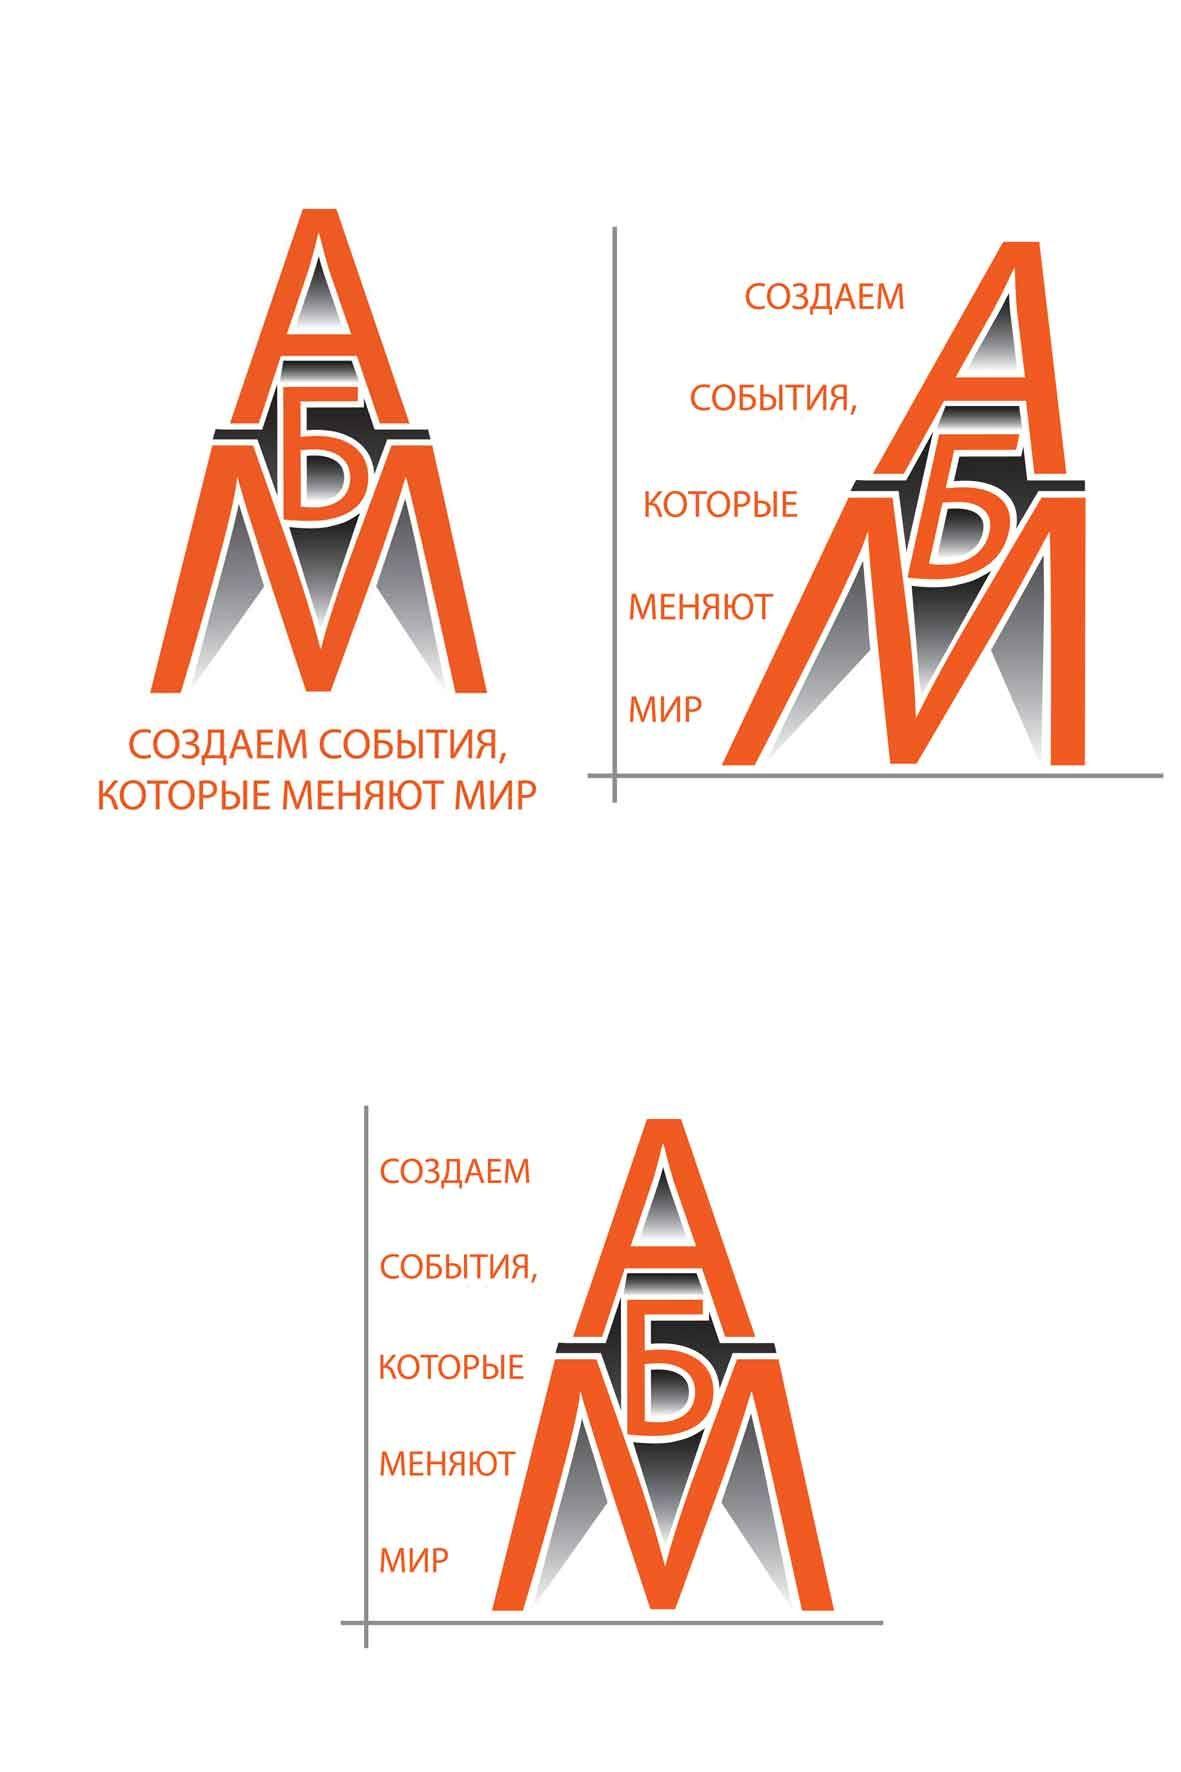 Бизнес Альянс Милленниум - дизайнер InnaM